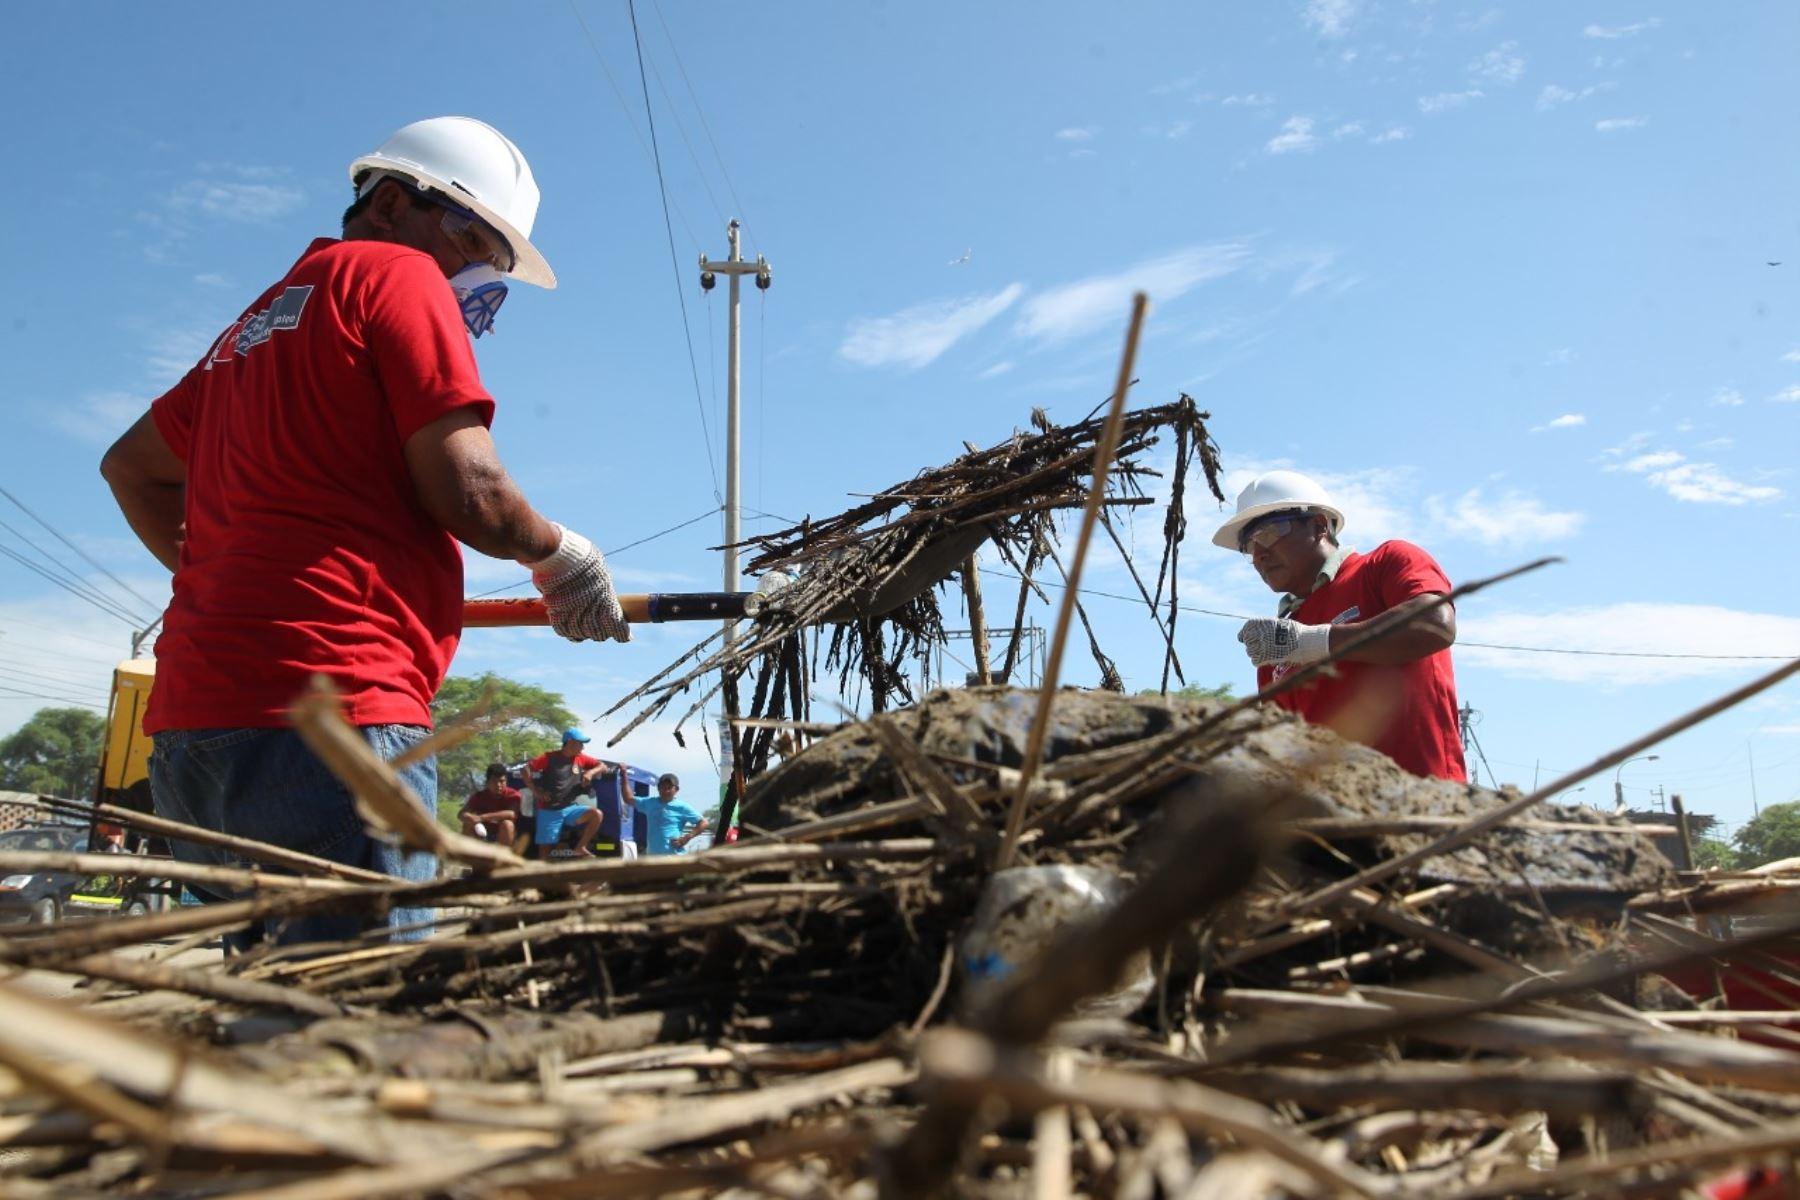 El programa Trabaja Perú intervendrá en 75 distritos del Cusco y generará 10,000 empleos temporales. Foto: ANDINA/Difusión